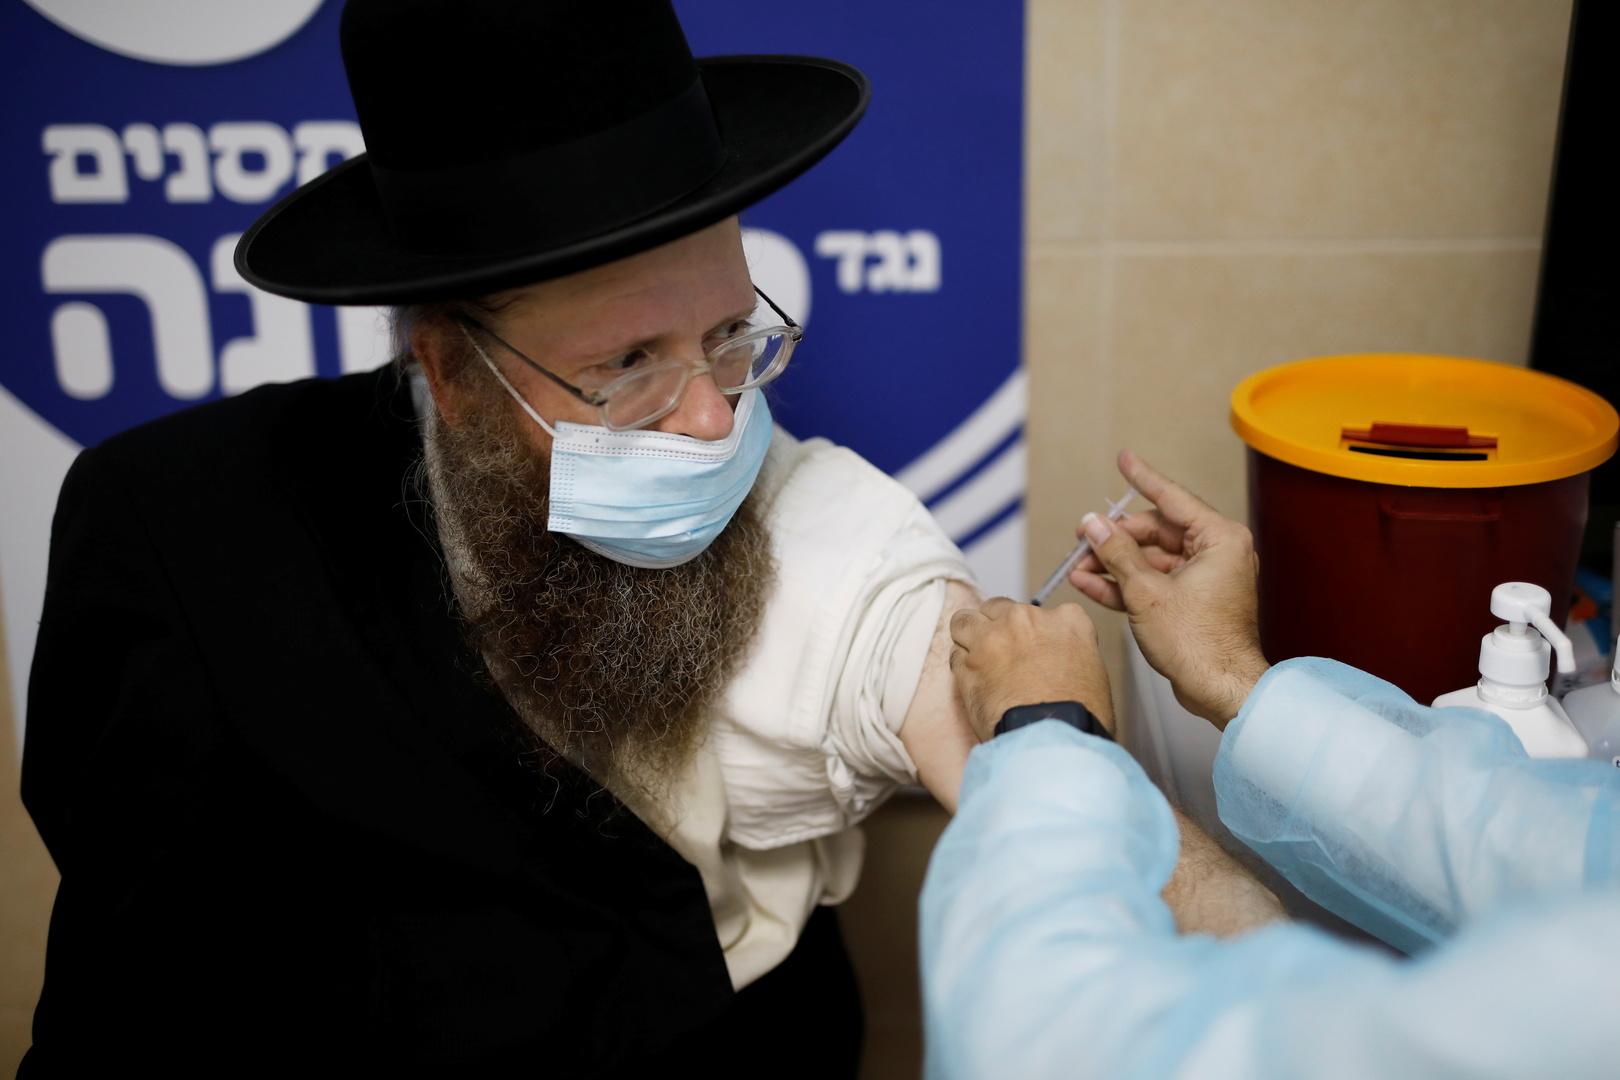 التماس أمام المحكمة العليا الإسرائيلية ضد قرار عدم تطعيم الأسرى الفلسطينيين  ضد كورونا